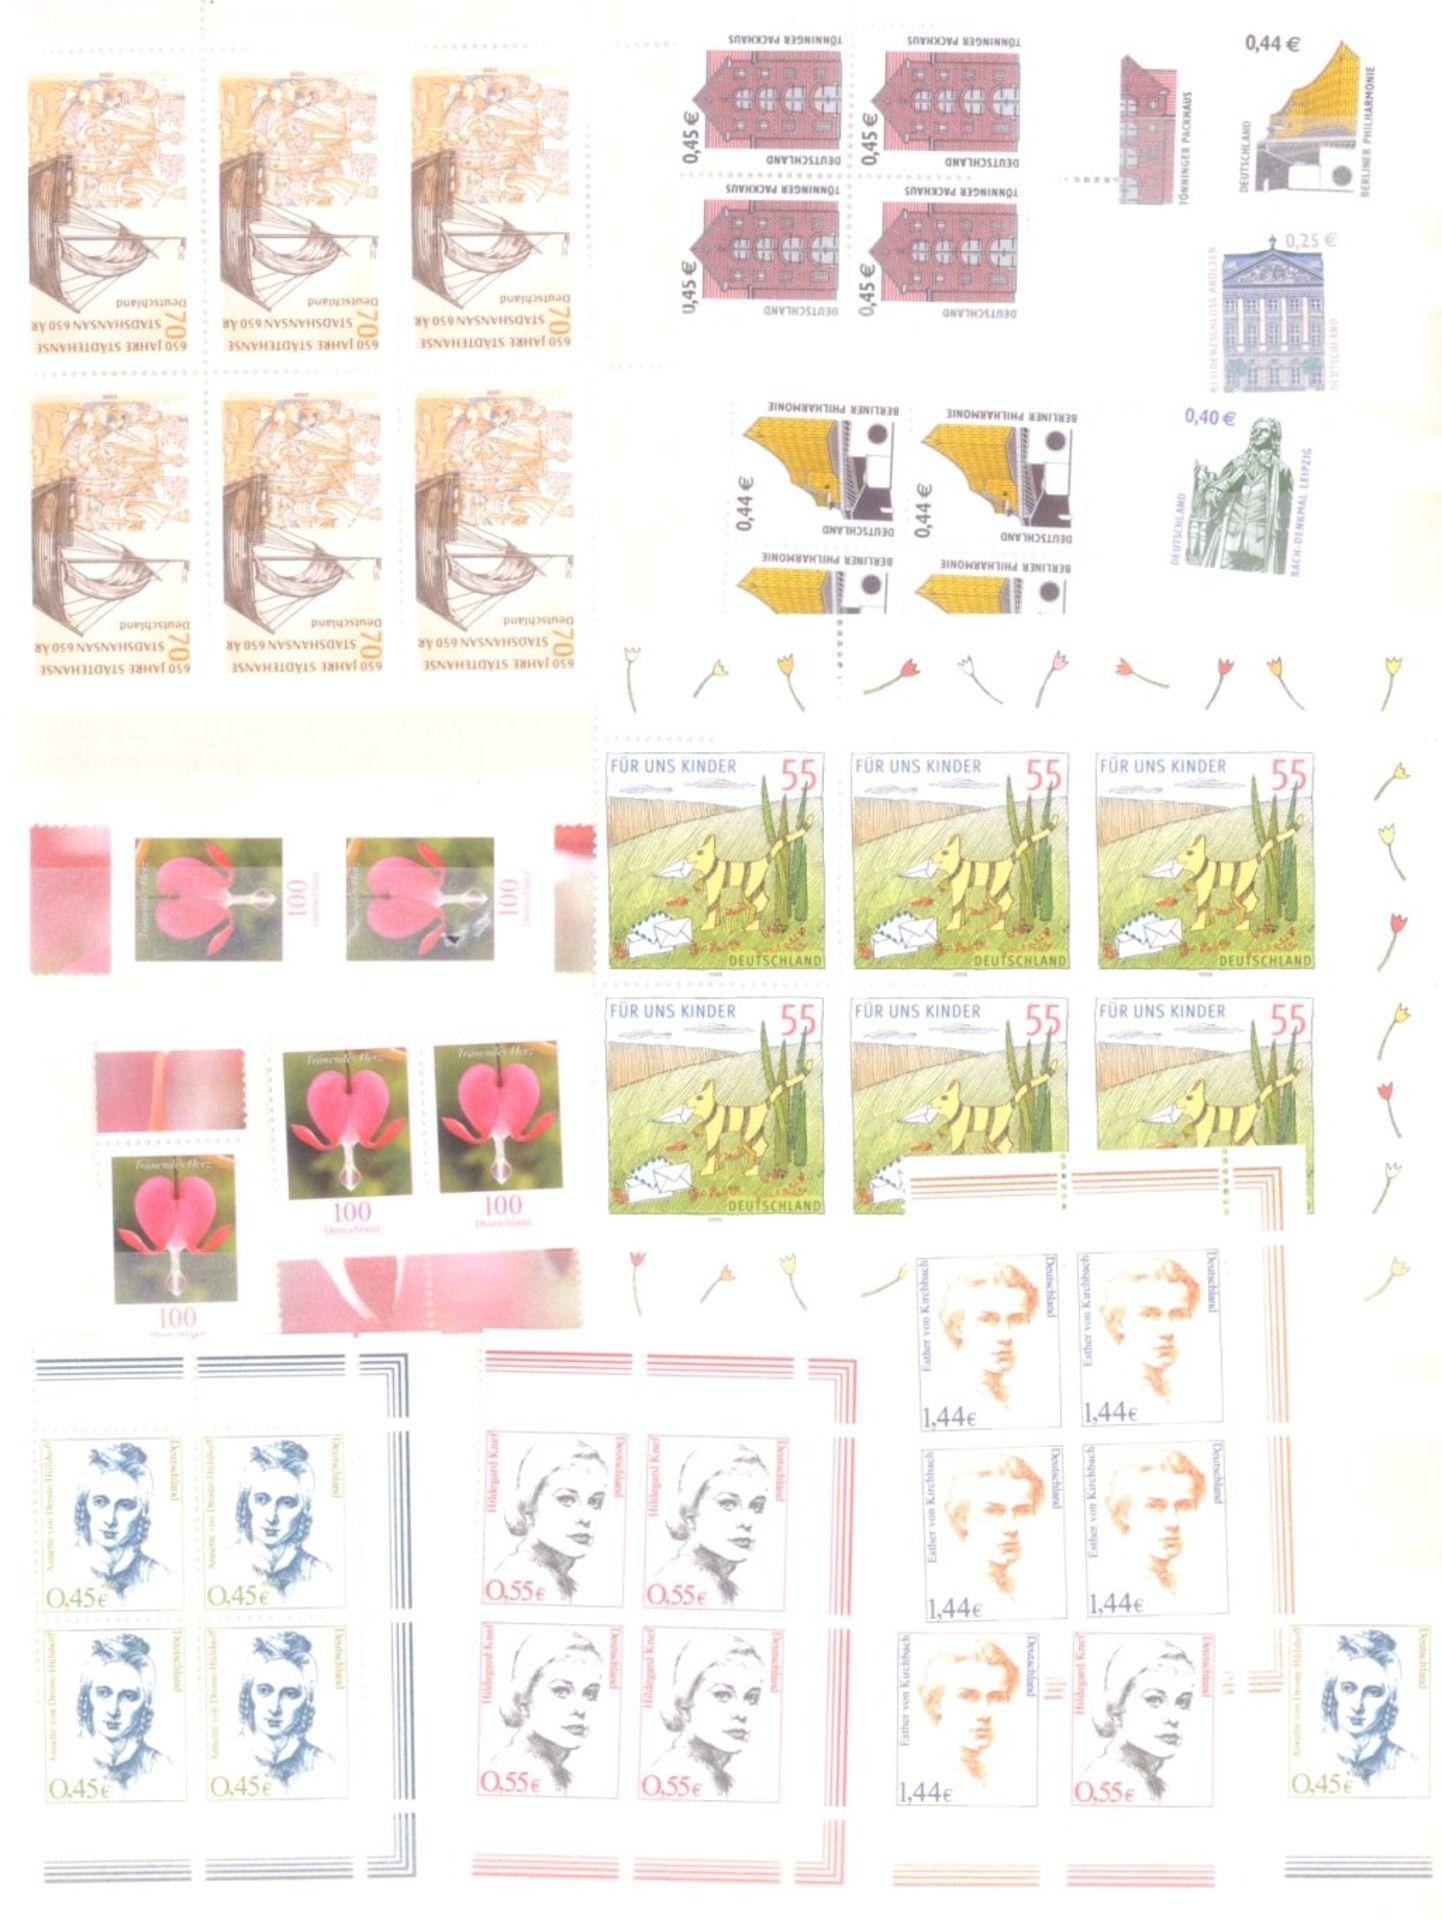 Über 800 Euro Deutsche Nominale, Frankaturware1 Album, dabei Blöcke und Einzelmarken - Bild 2 aus 4